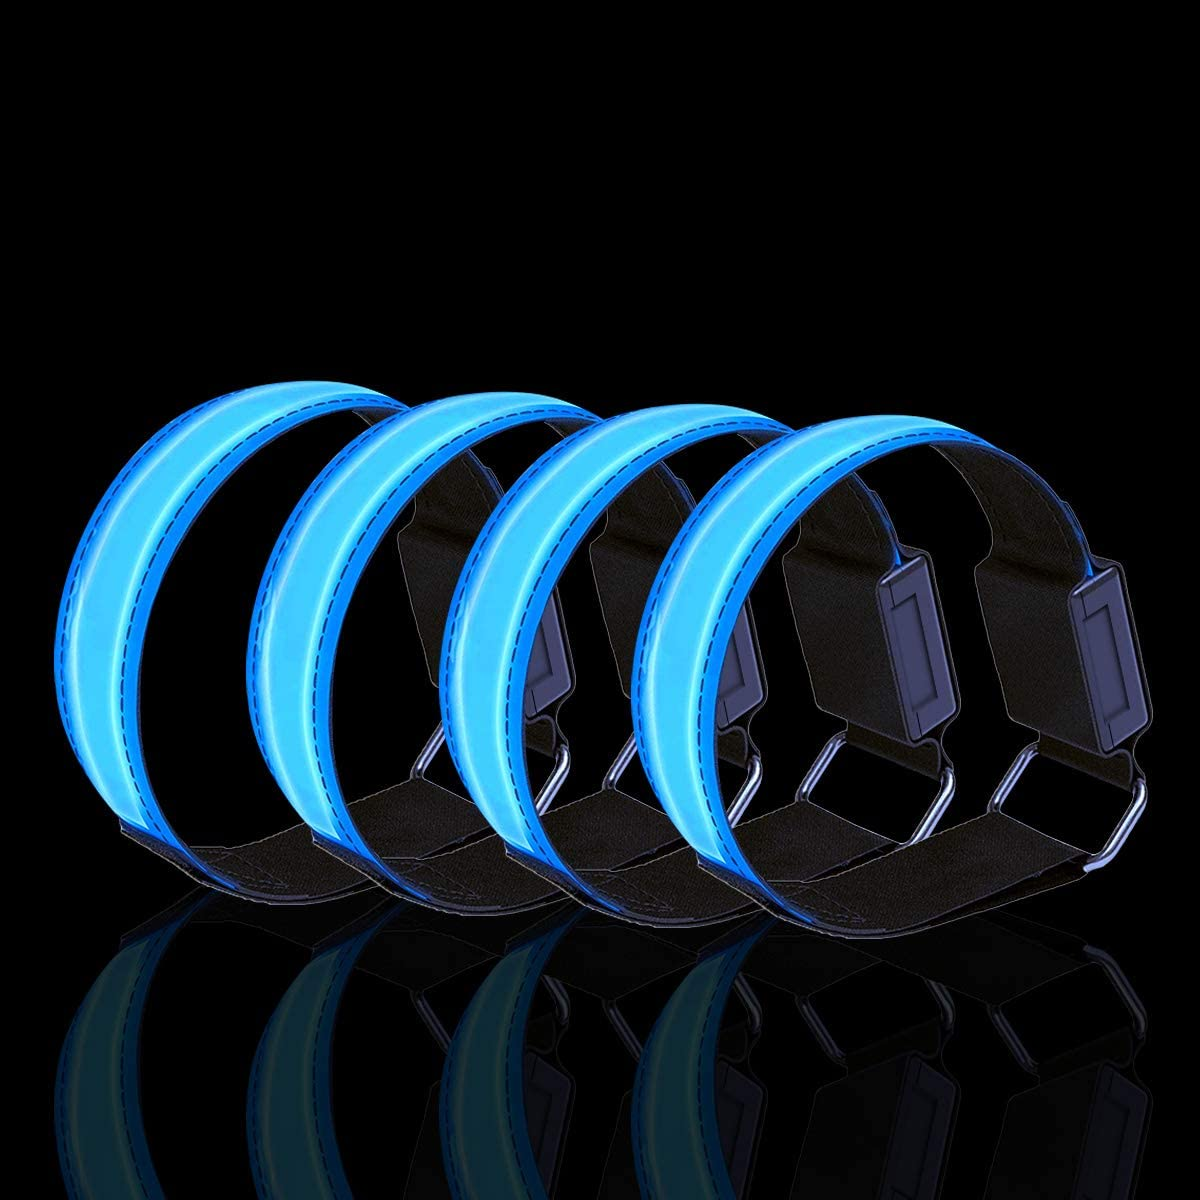 Bein Arm Laufen Licht f/ür Handgelenk Kn/öchel Lauflicht LED Reflektoren Joggen Sicherheitslicht Kinder Dusor LED Leuchtband Jogger Leuchtarmband Reflektorband Laufen Reflektor